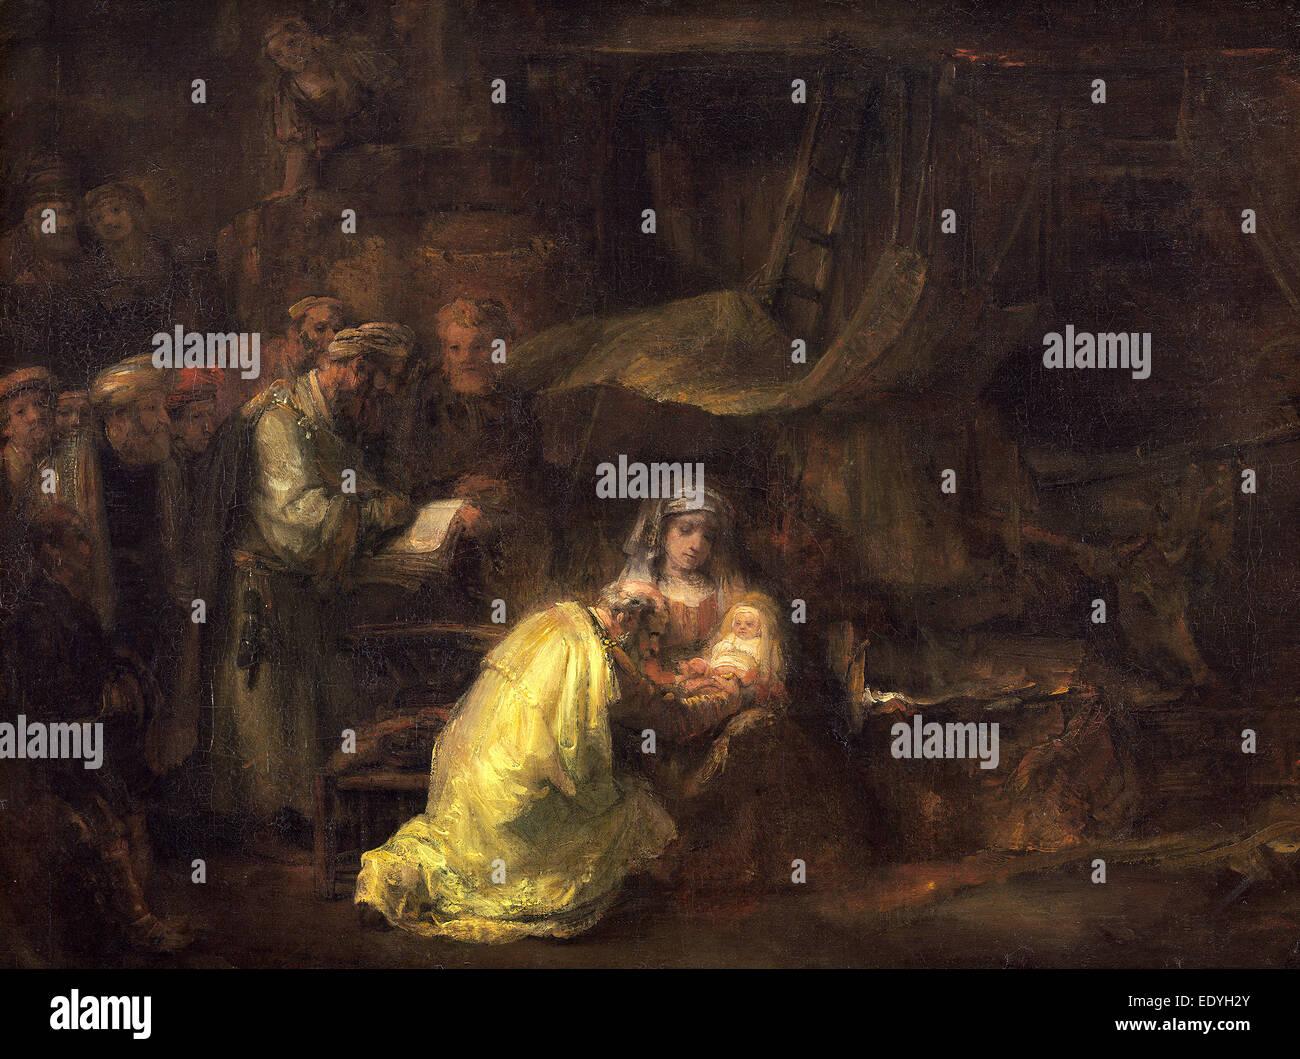 1661 By Rembrandt Imágenes De Stock & 1661 By Rembrandt Fotos De ...